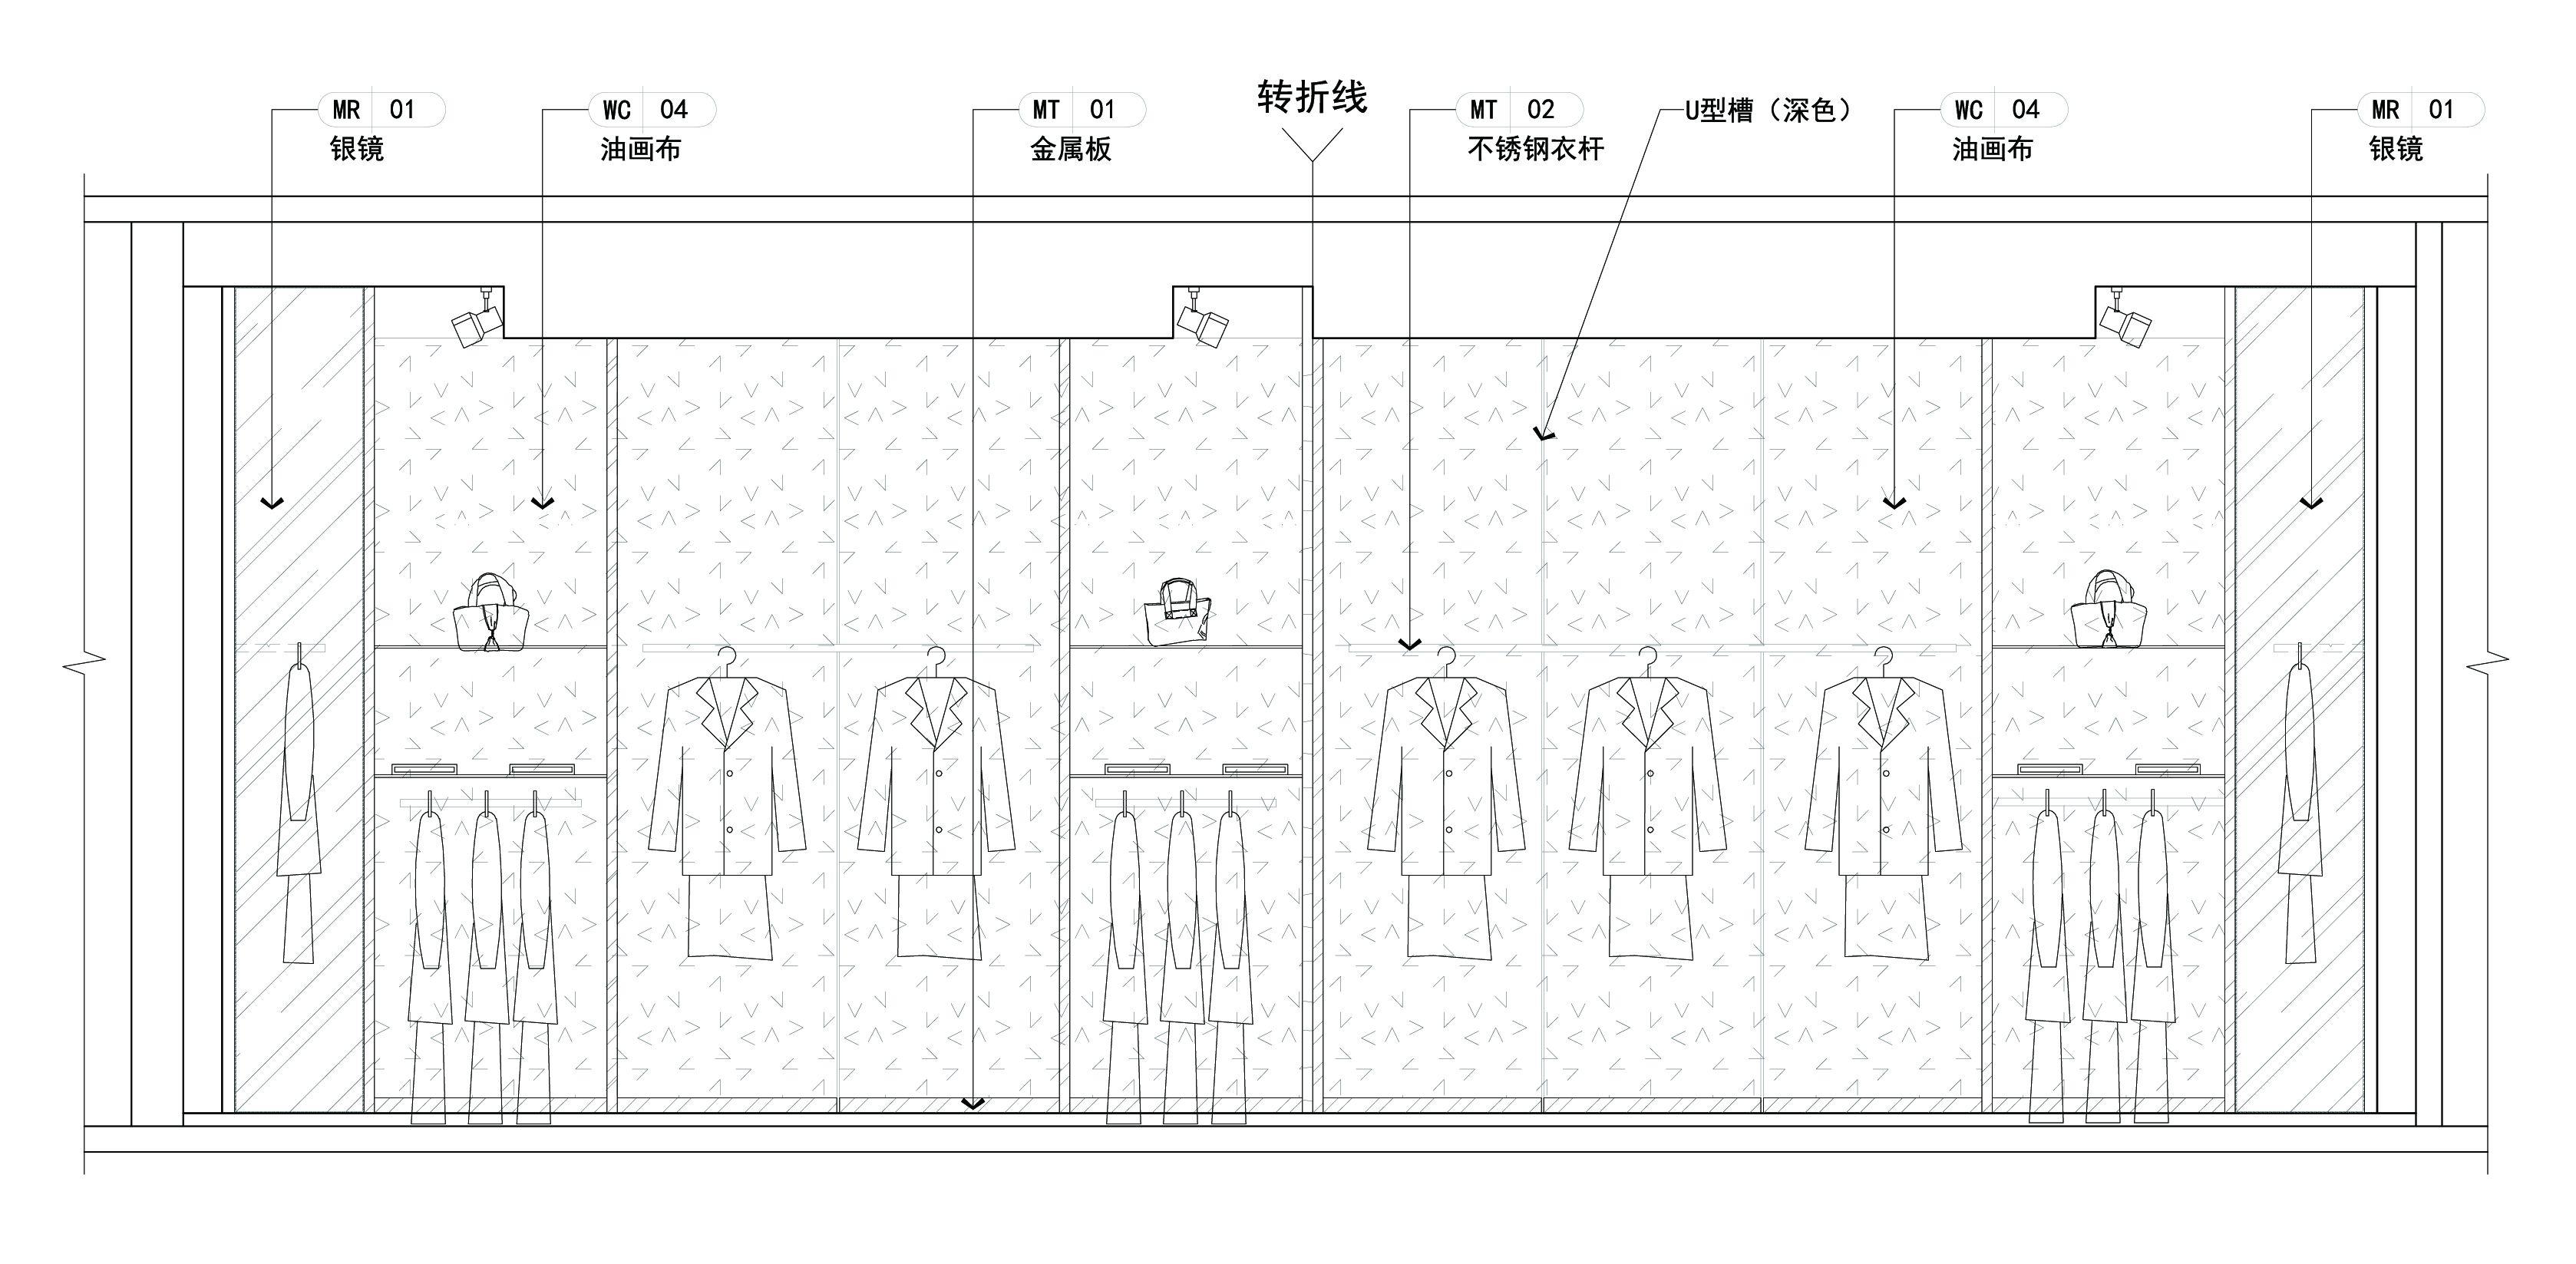 玉臻國際精品服裝店 - 展示空間 - 第4頁 - 郭明設計